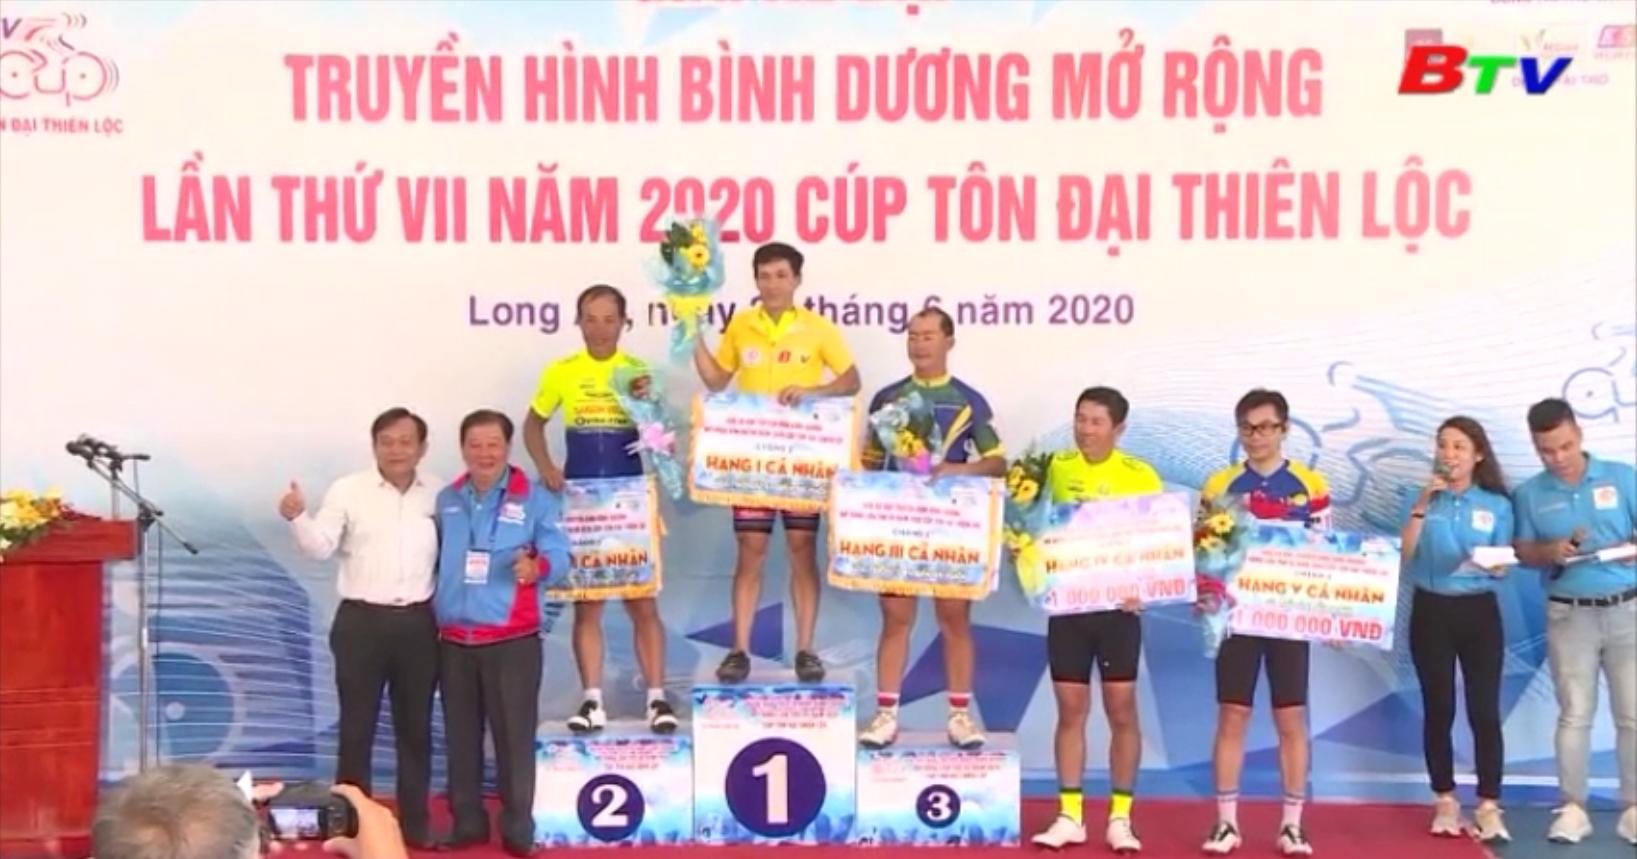 Niềm vui của các tay đua phong trào trong ngày trở lại Giải xe đạp THBD mở rộng lần thứ VII năm 2020